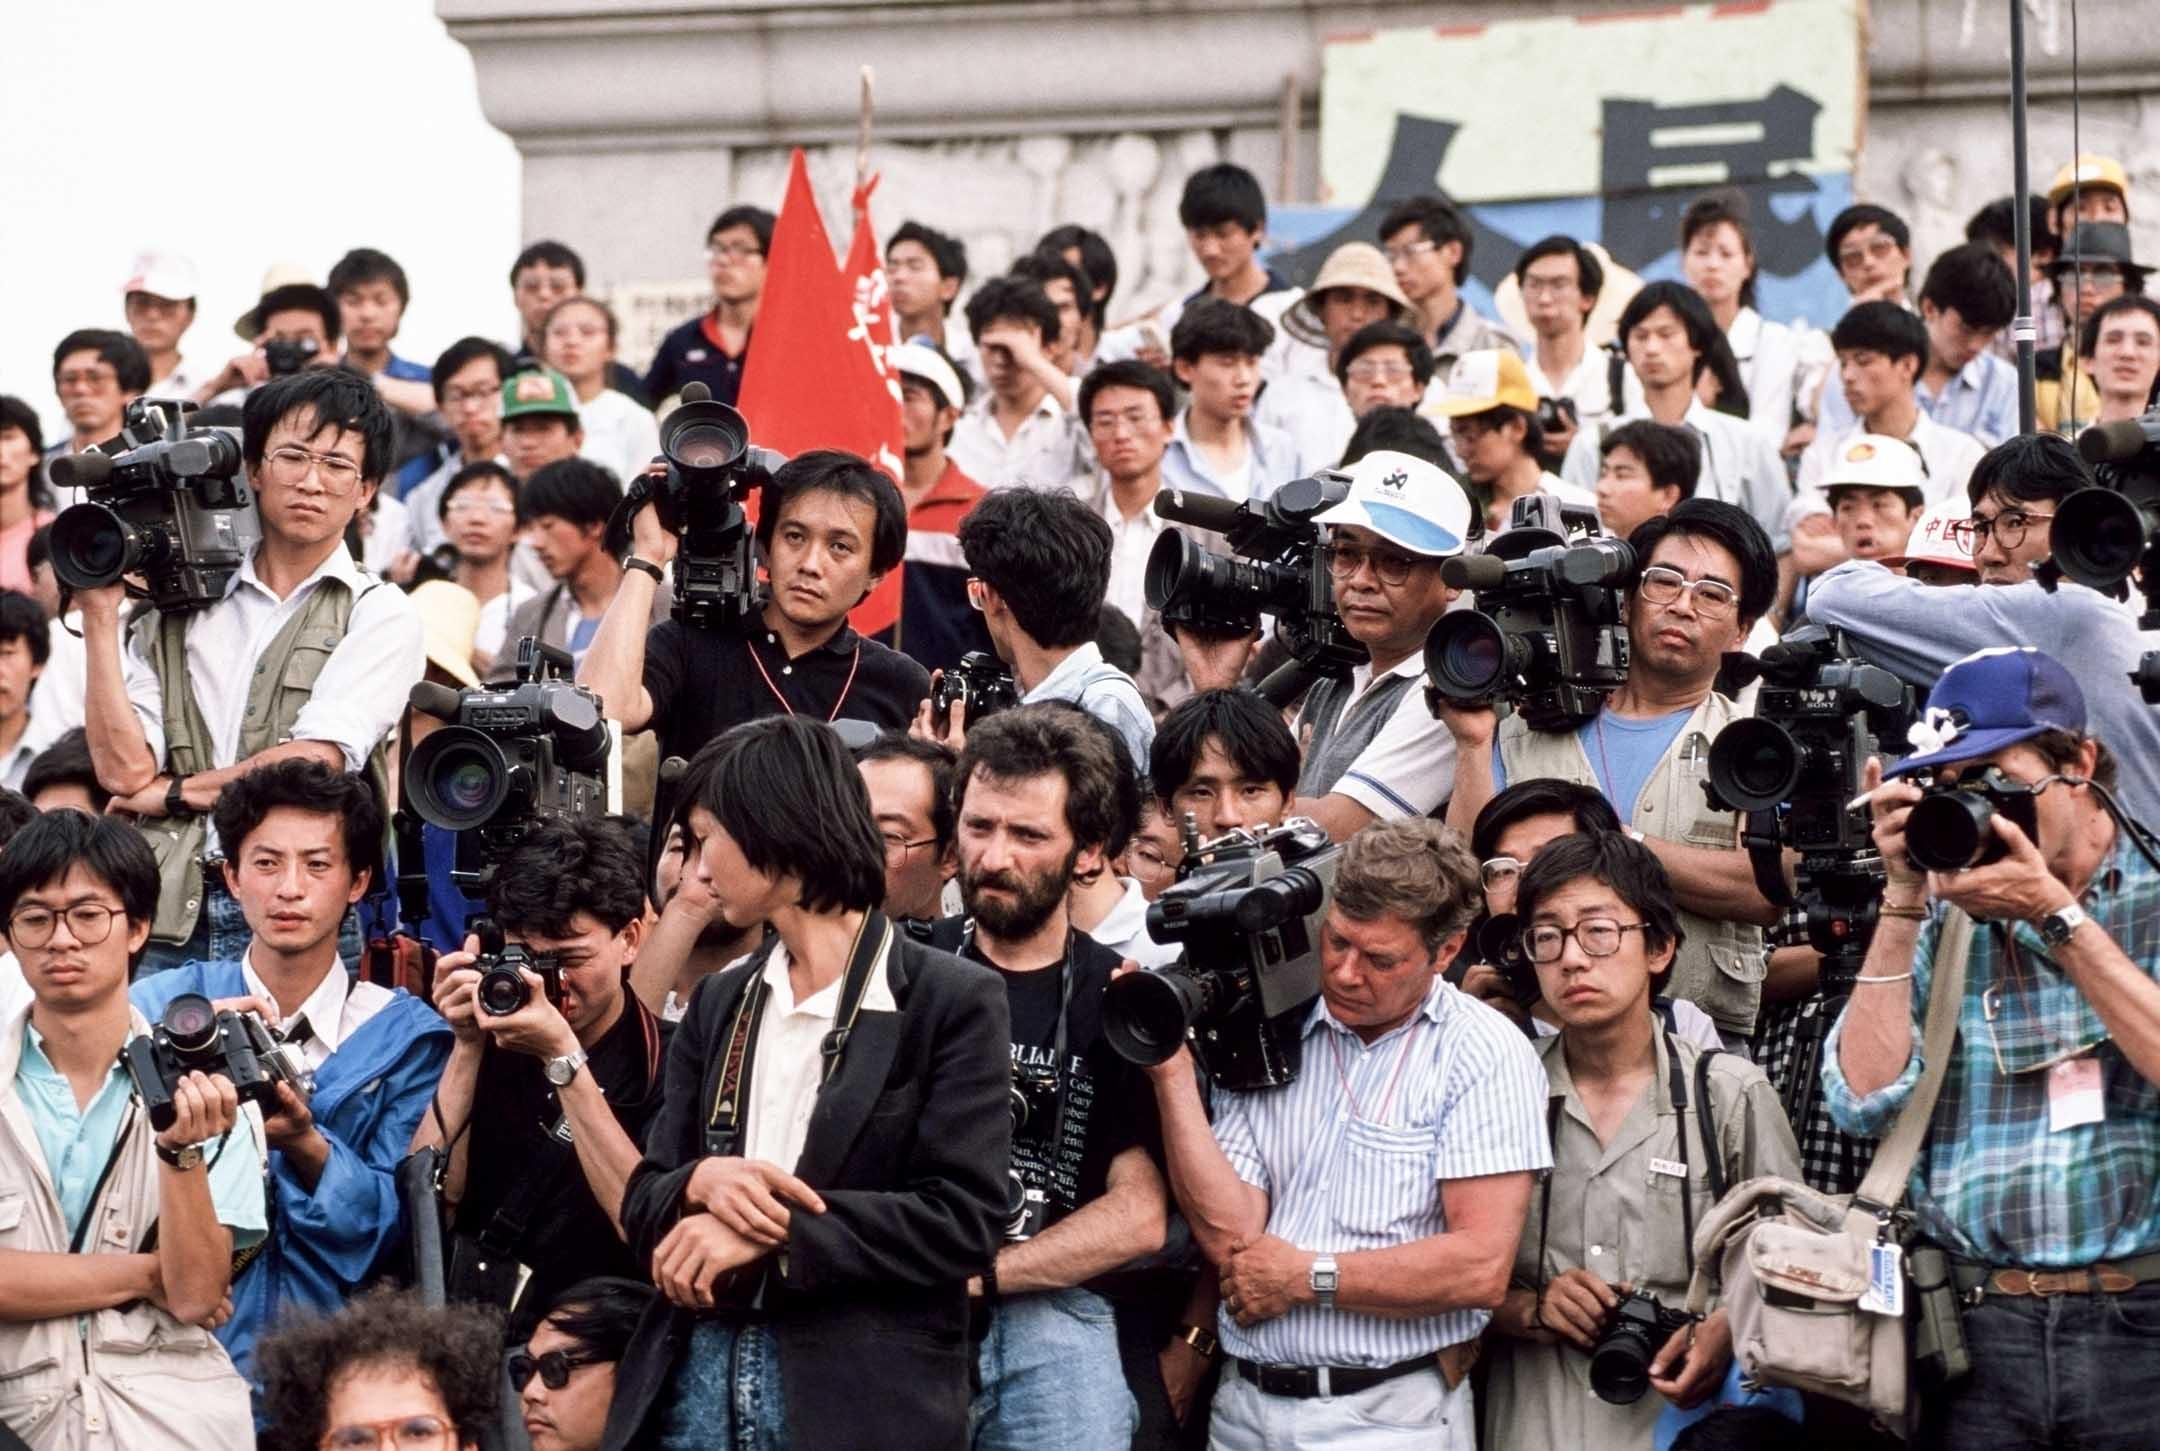 1989年天安門學運期間,中方於五月底突然加強對外國記者施壓,然而報告指大部分記者計劃繼續採訪工作,希望利用國際輿論去防止當局強力鎮壓,部分記者甚至對當局有機會鎮壓作好準備。 攝:Peter Charlesworth/LightRocket via Getty Images